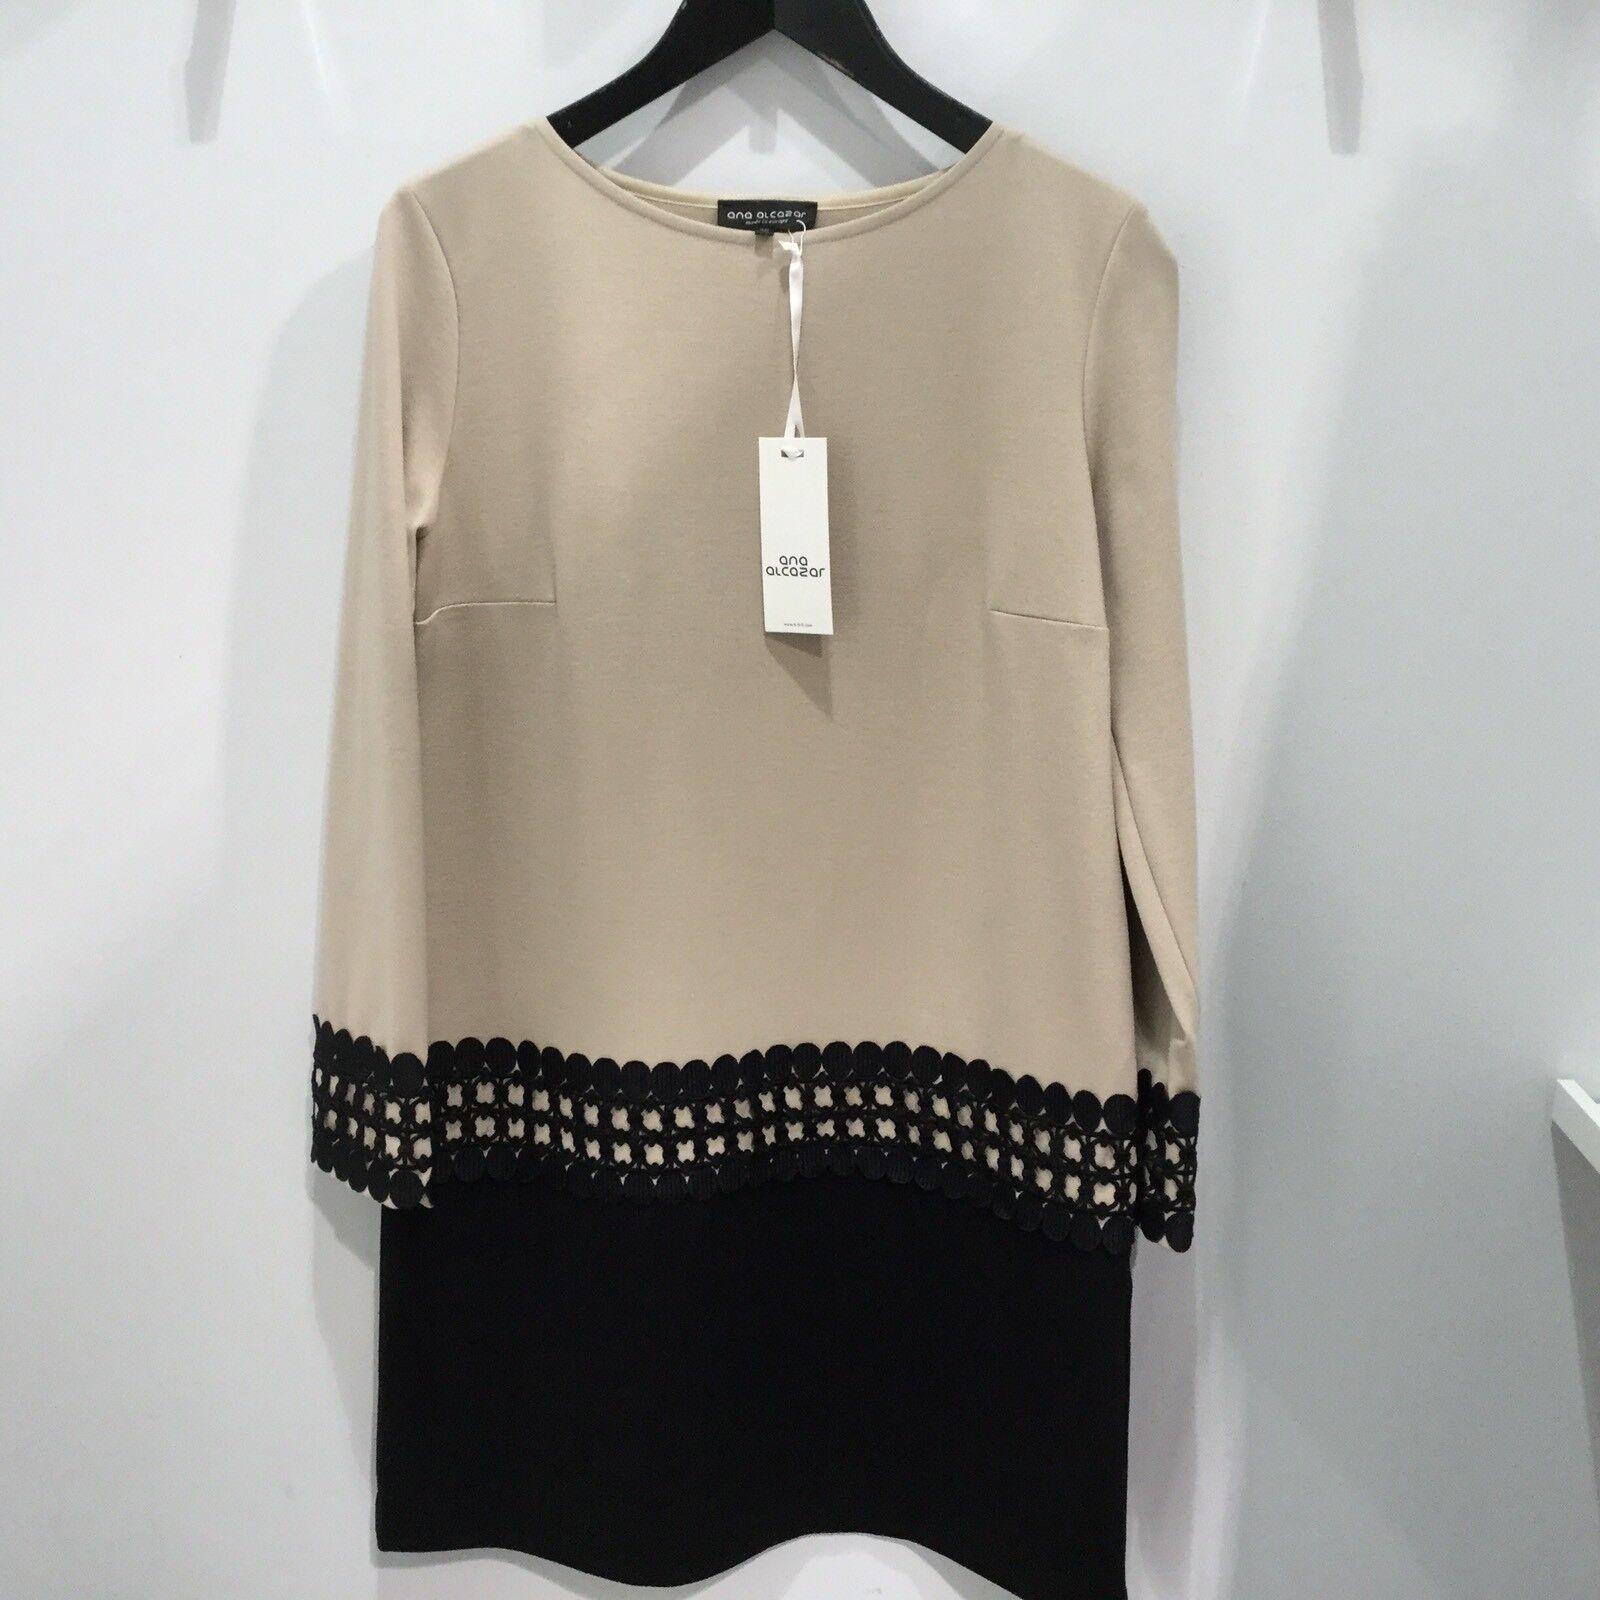 Ana Alcazar Kleid Stretchkleid Gr. 40 beige mit schwarz Damen NEU NP 179 00